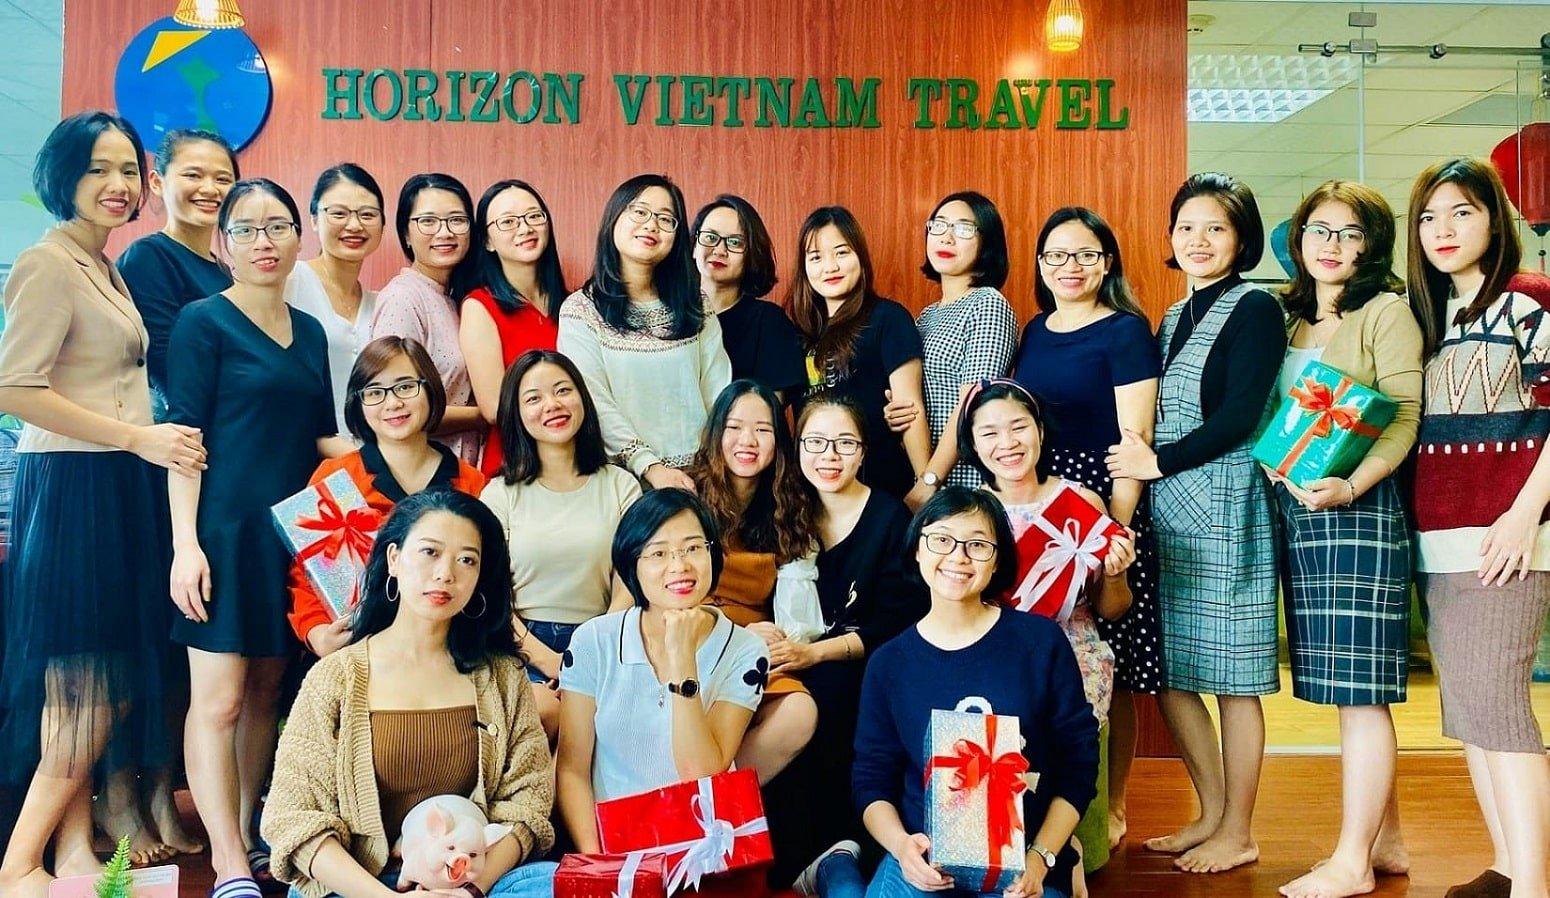 equipe-horizon-Vietnam-travel